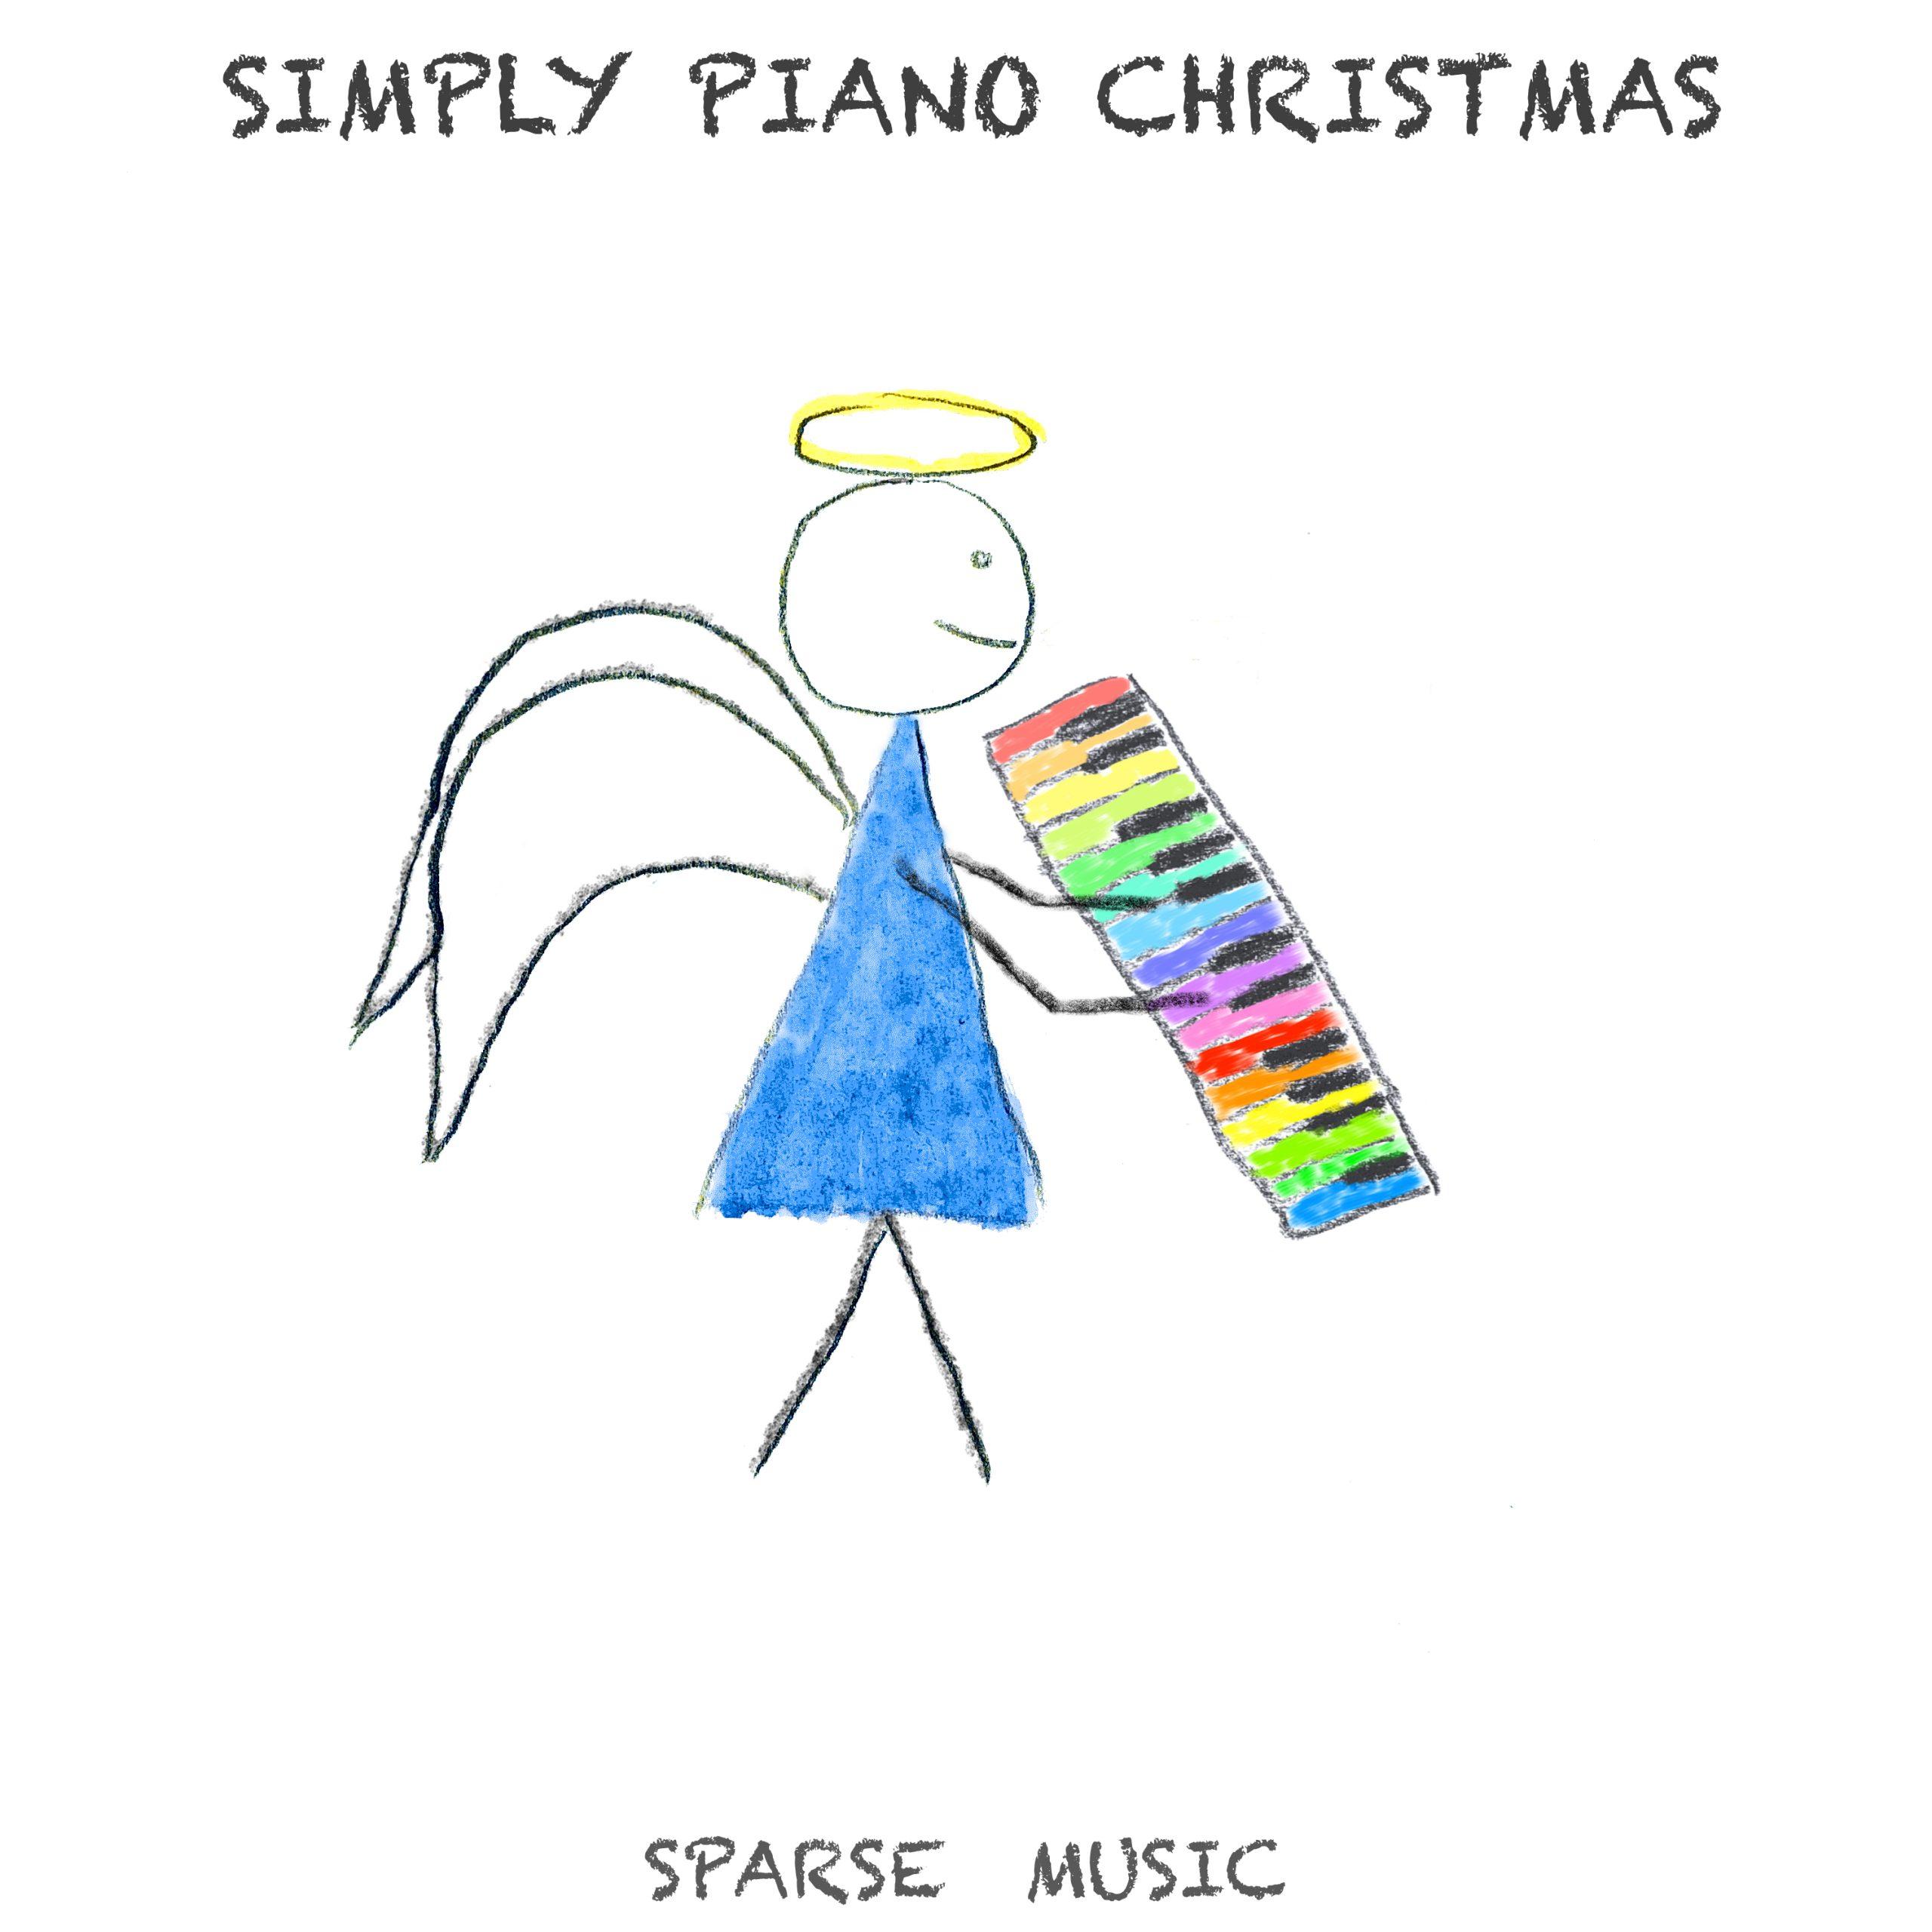 SPRS 01057 SIMPLY PIANO CHRISTMAS 3000